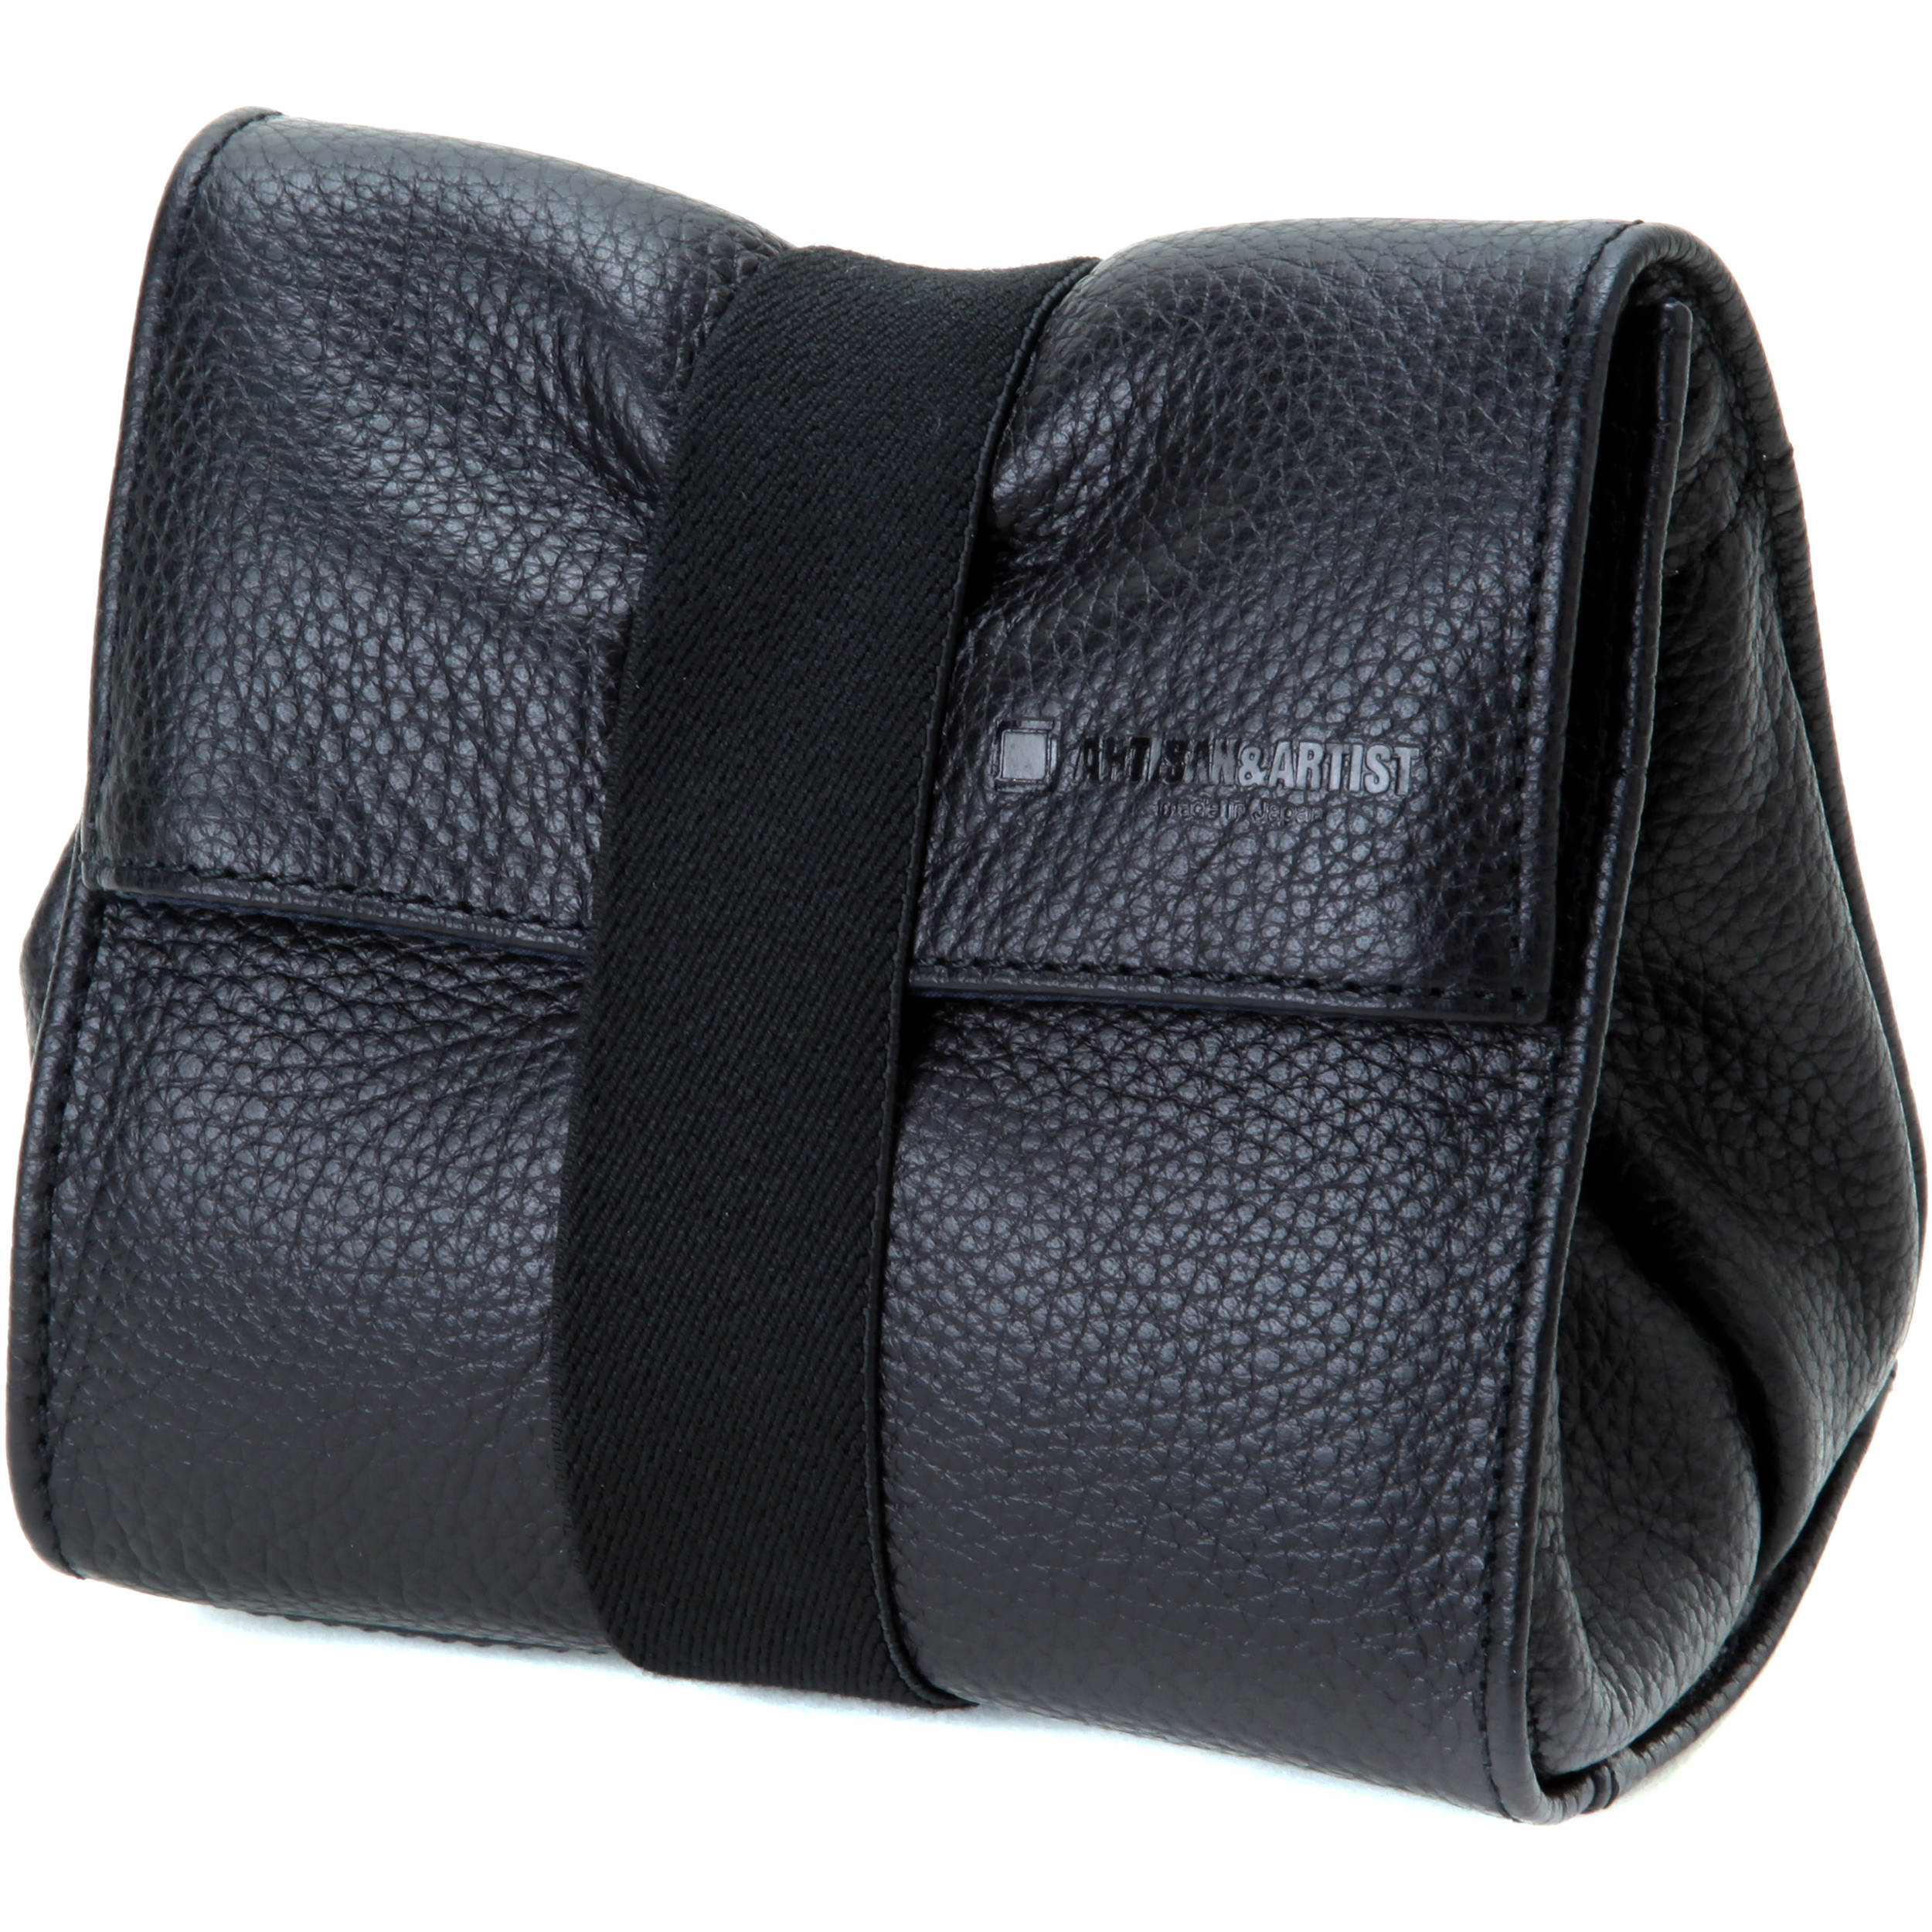 e57abc10d9eb Artisan   Artist ACAM-77 Soft Leather Pouch (Black) ACAM77BLK